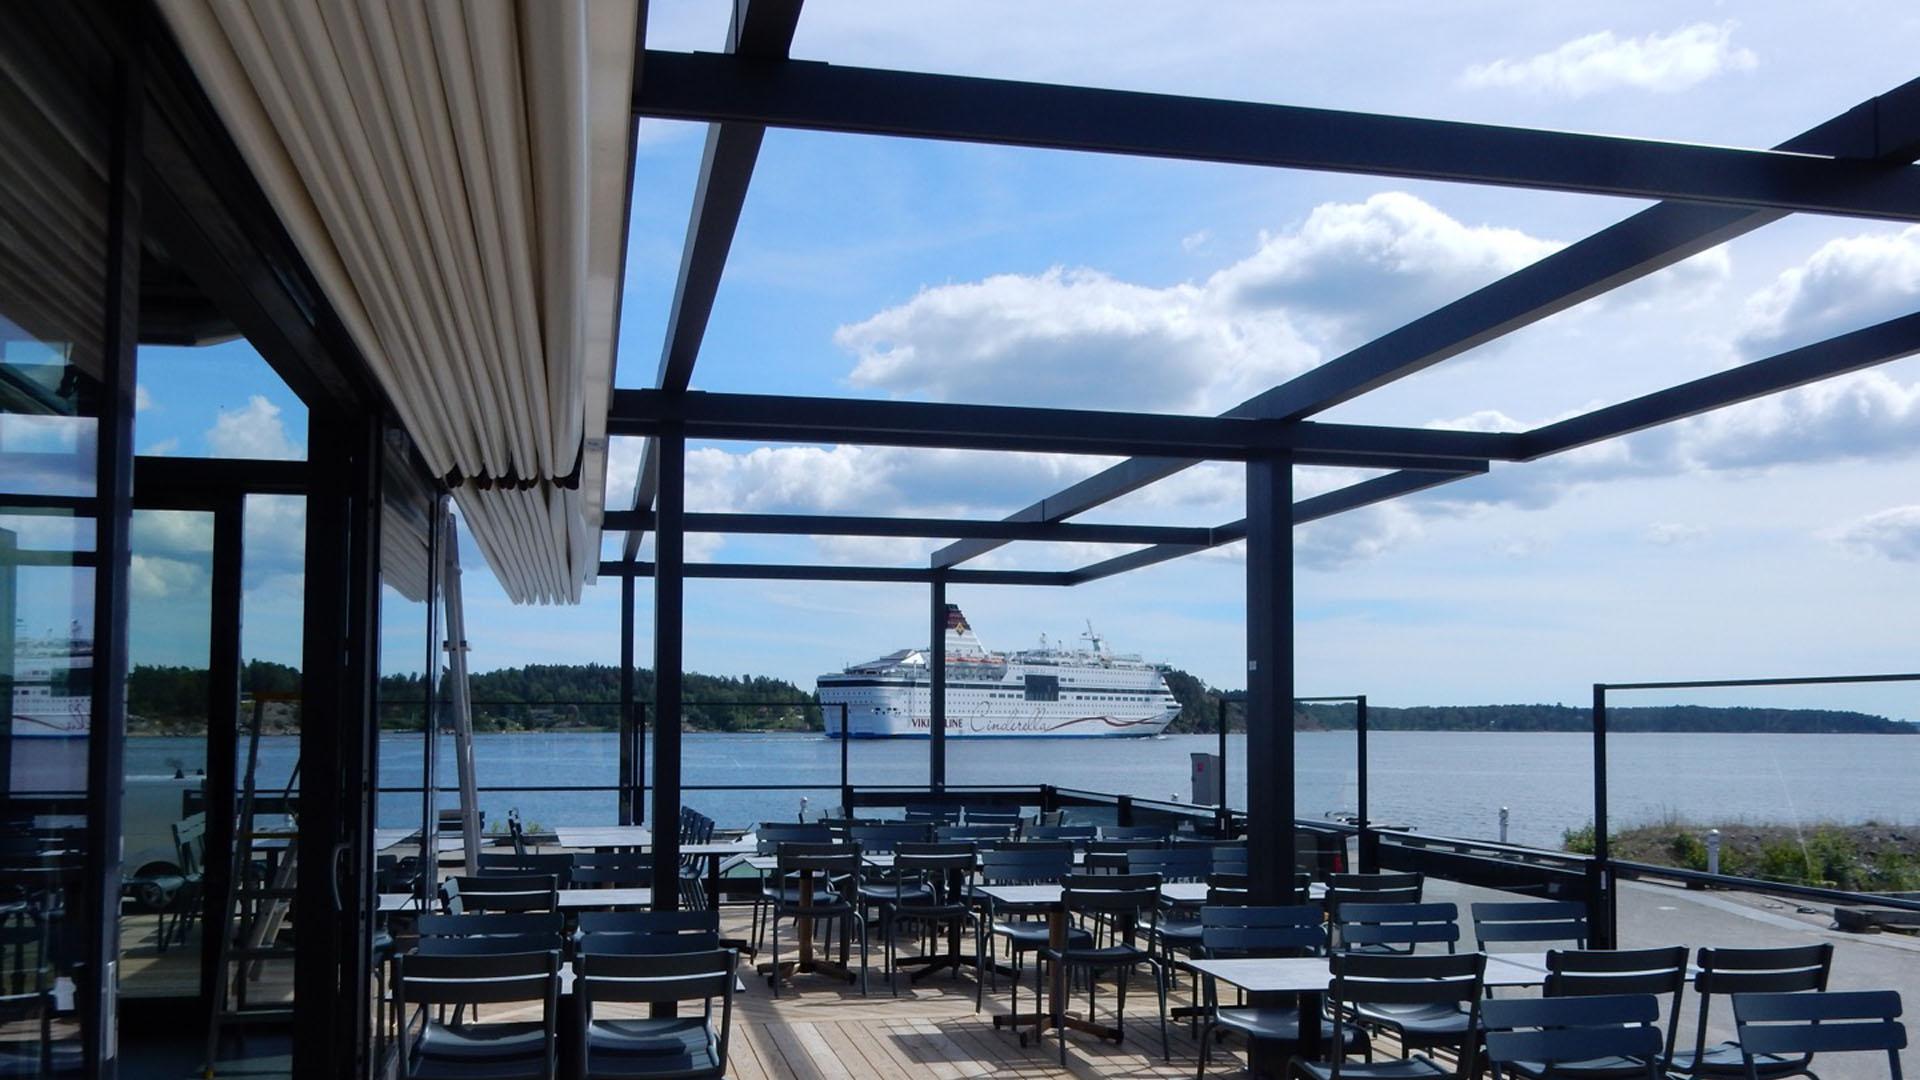 Vaxholm rindö hamn 11